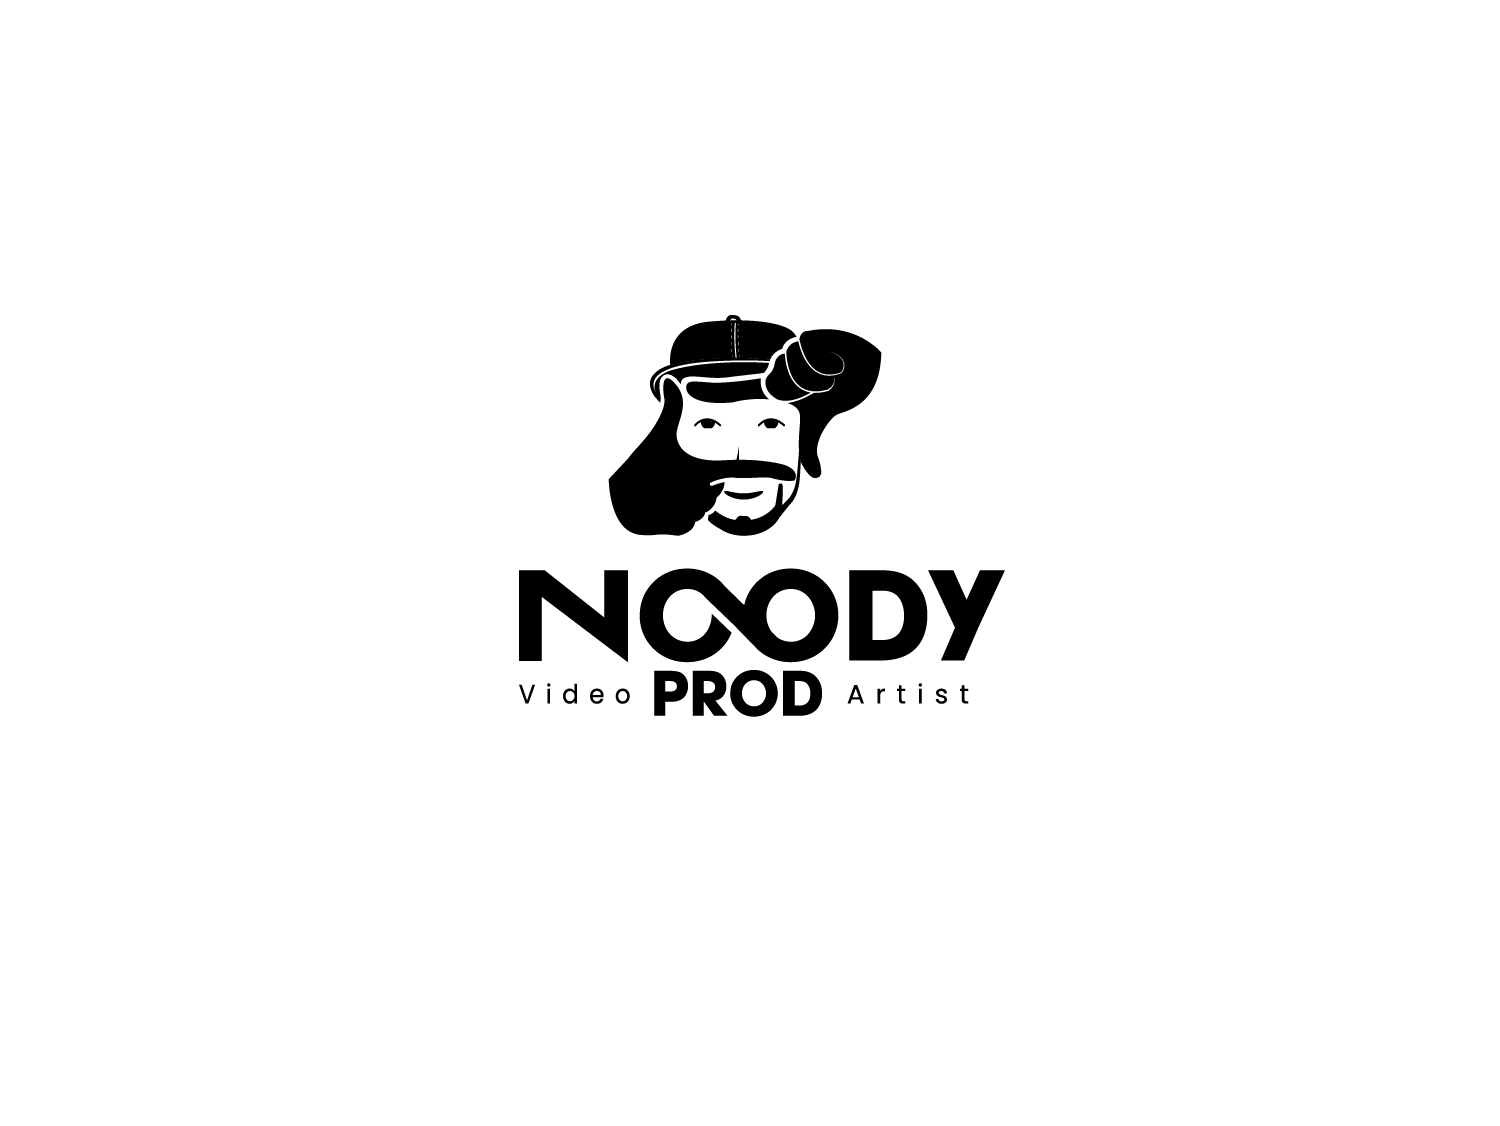 Noody Prod